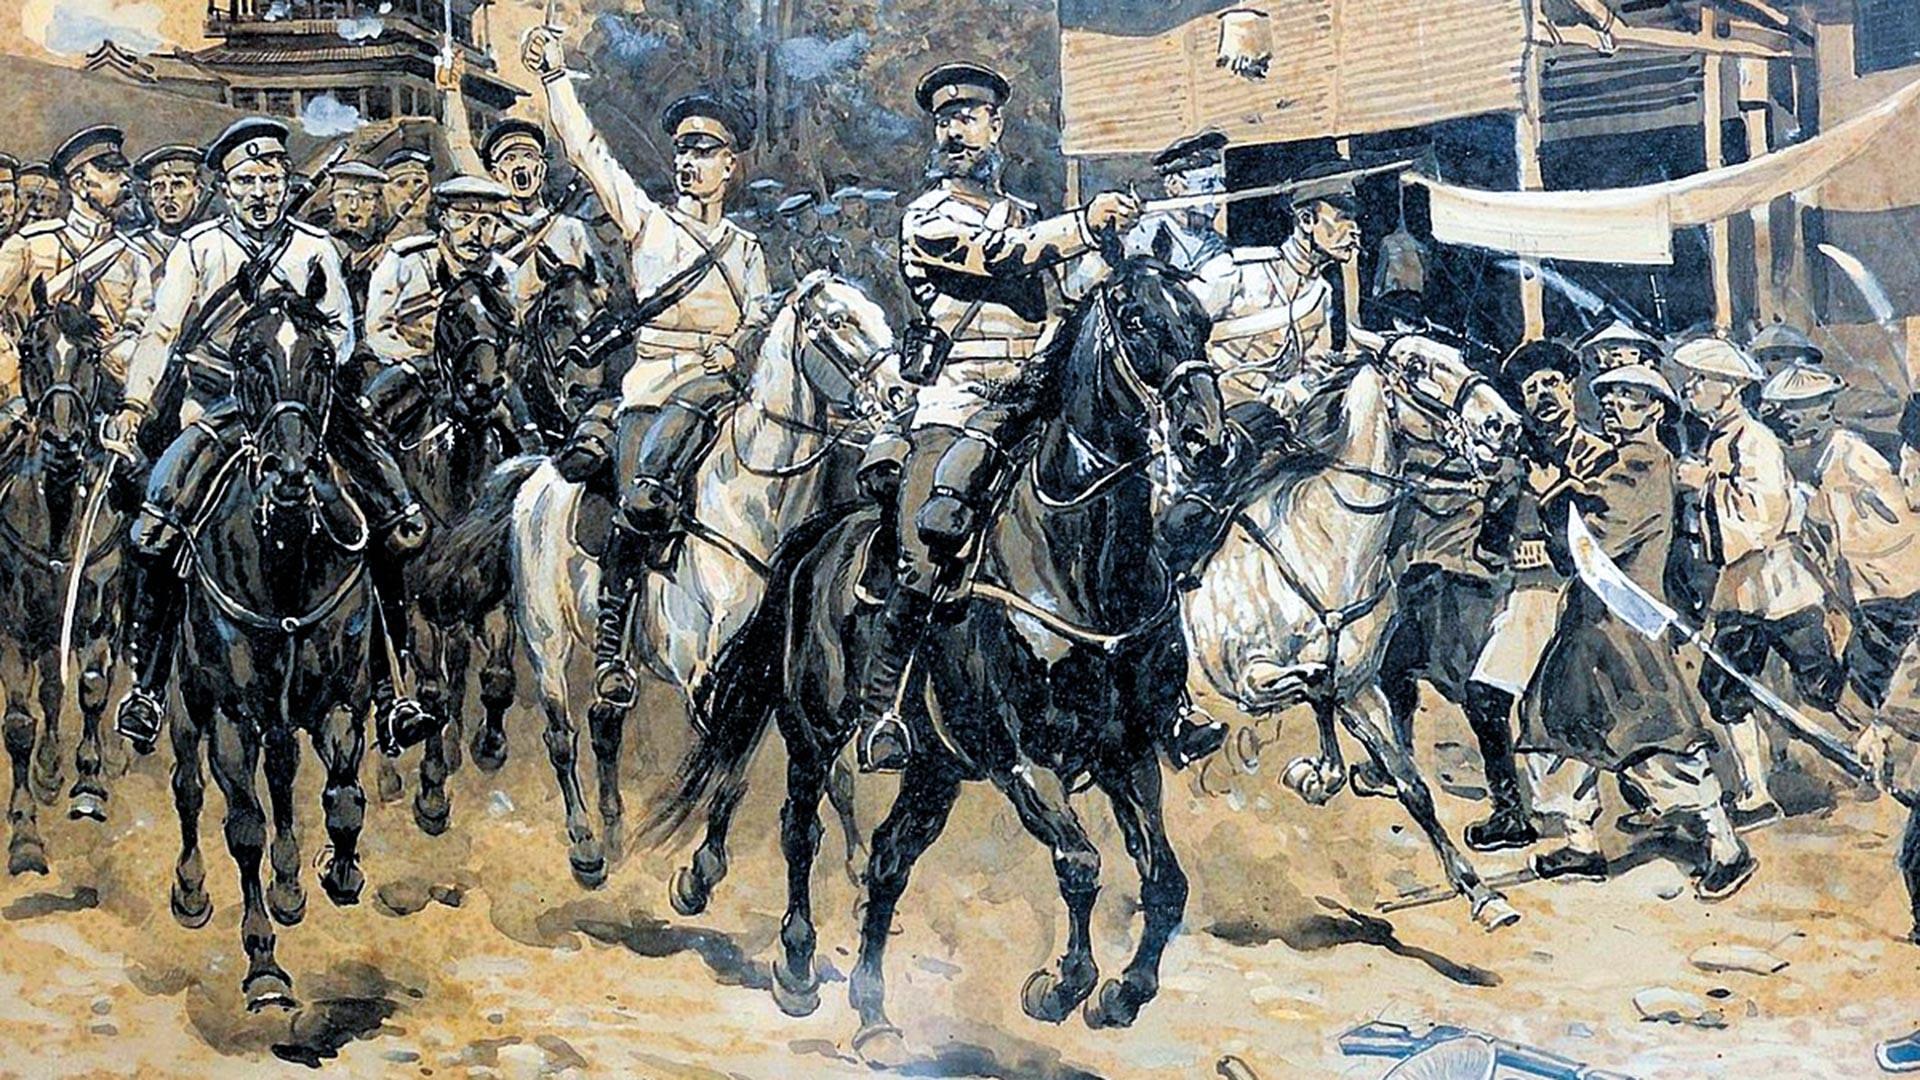 La cavalerie russe attaque les Boxers